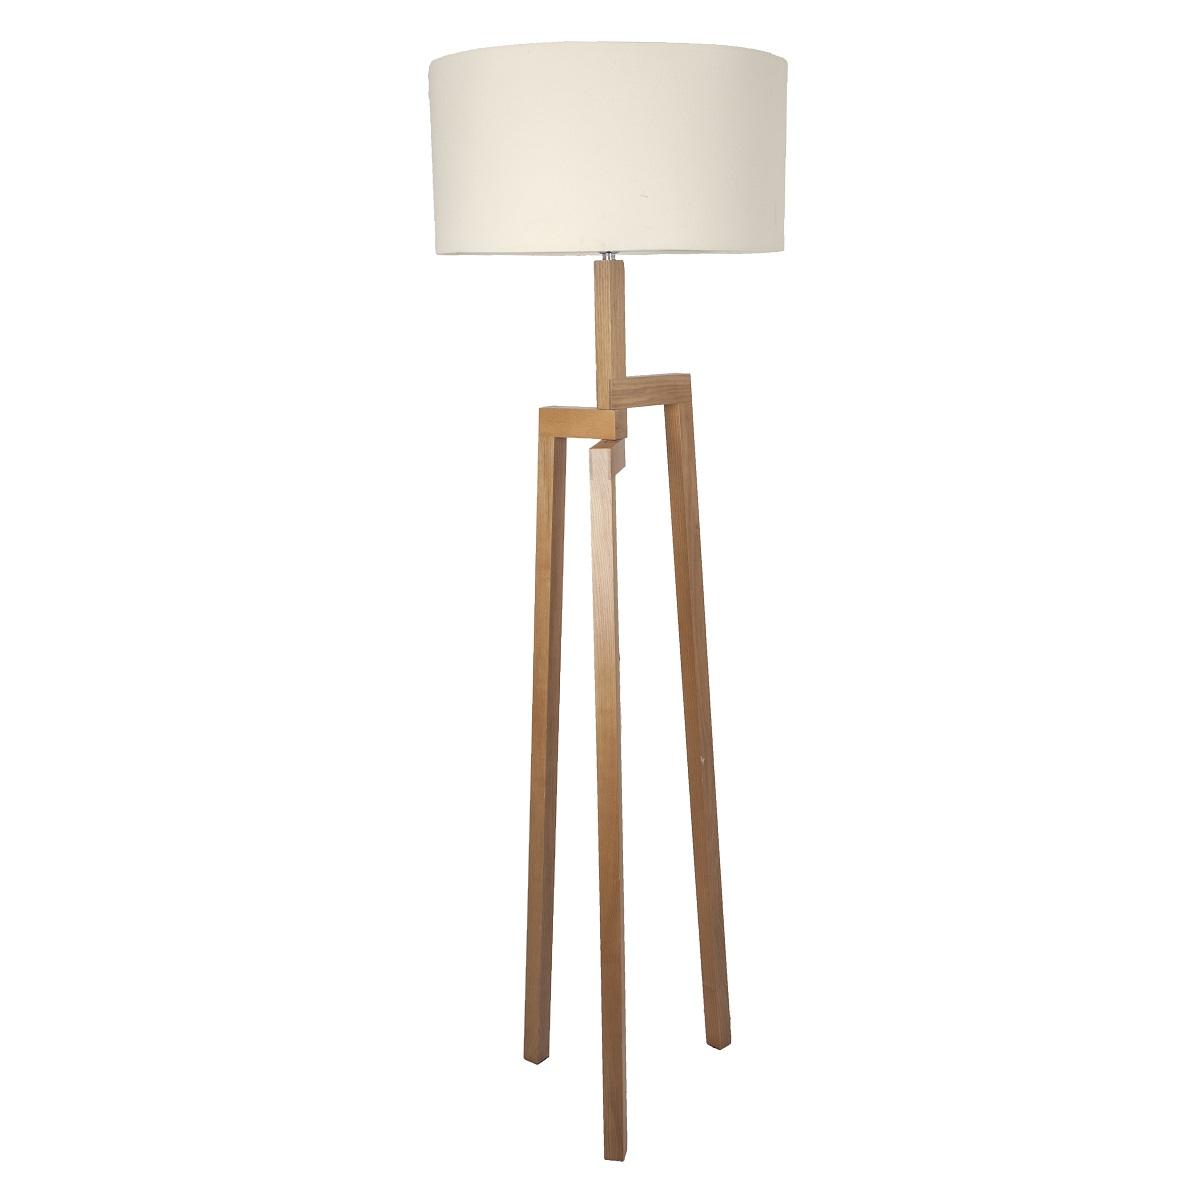 lampenhelden vandeheg stehleuchte aleo cream holz leinen creme 50 x h175cm max 60 watt. Black Bedroom Furniture Sets. Home Design Ideas